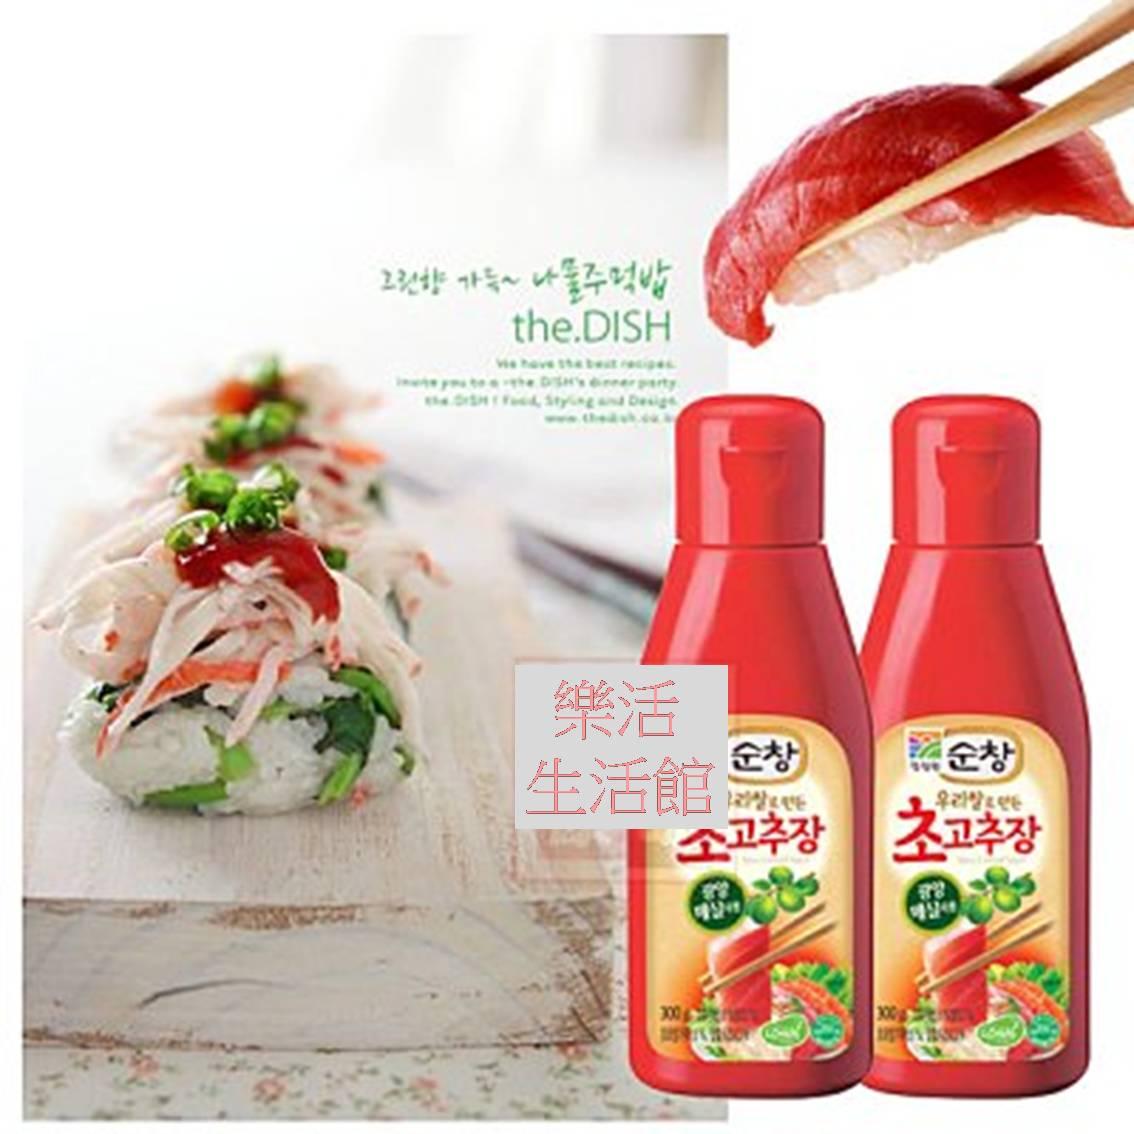 韓國韓式醋辣椒醬 300g  【樂活生活館】